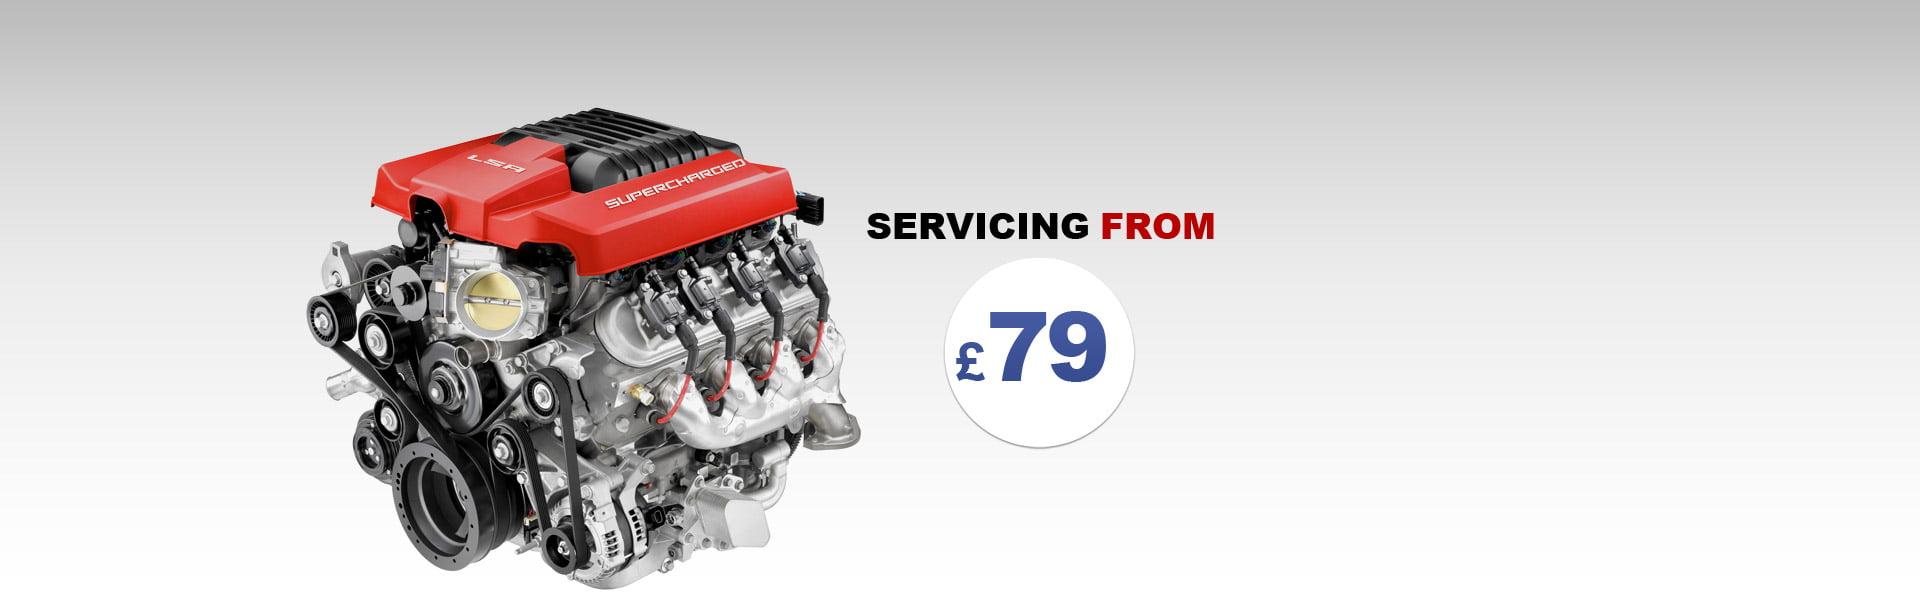 Car Servicing in Edinburgh from £79